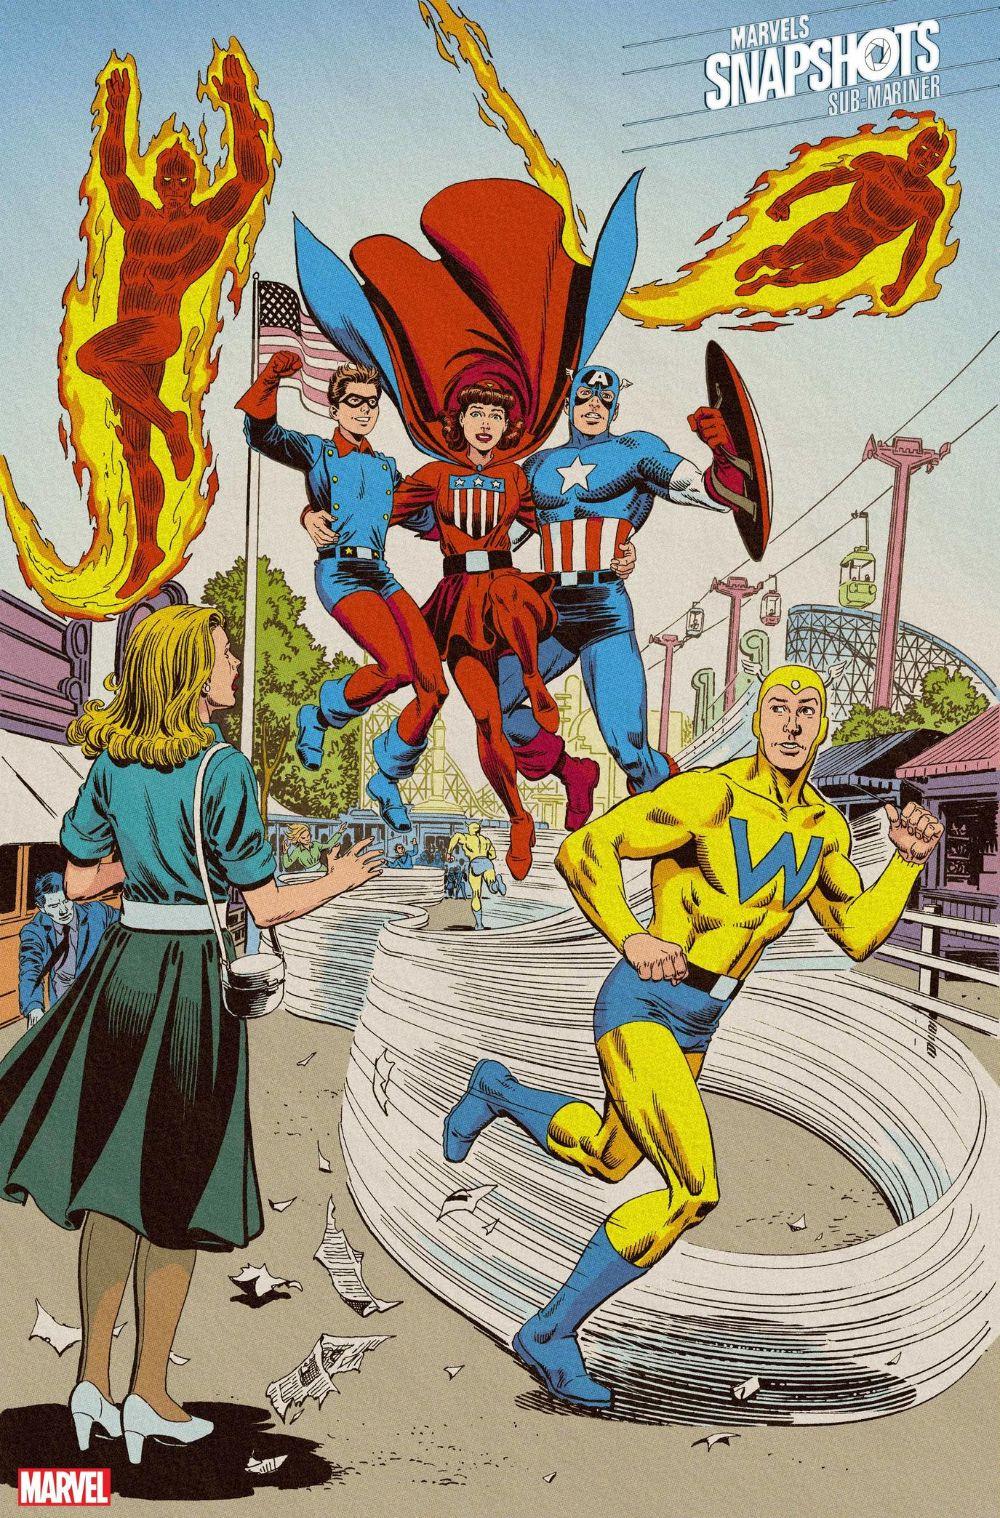 Namor's Beginnings Get the Spotlight in 'Sub-Mariner: Marvels Snapshots'